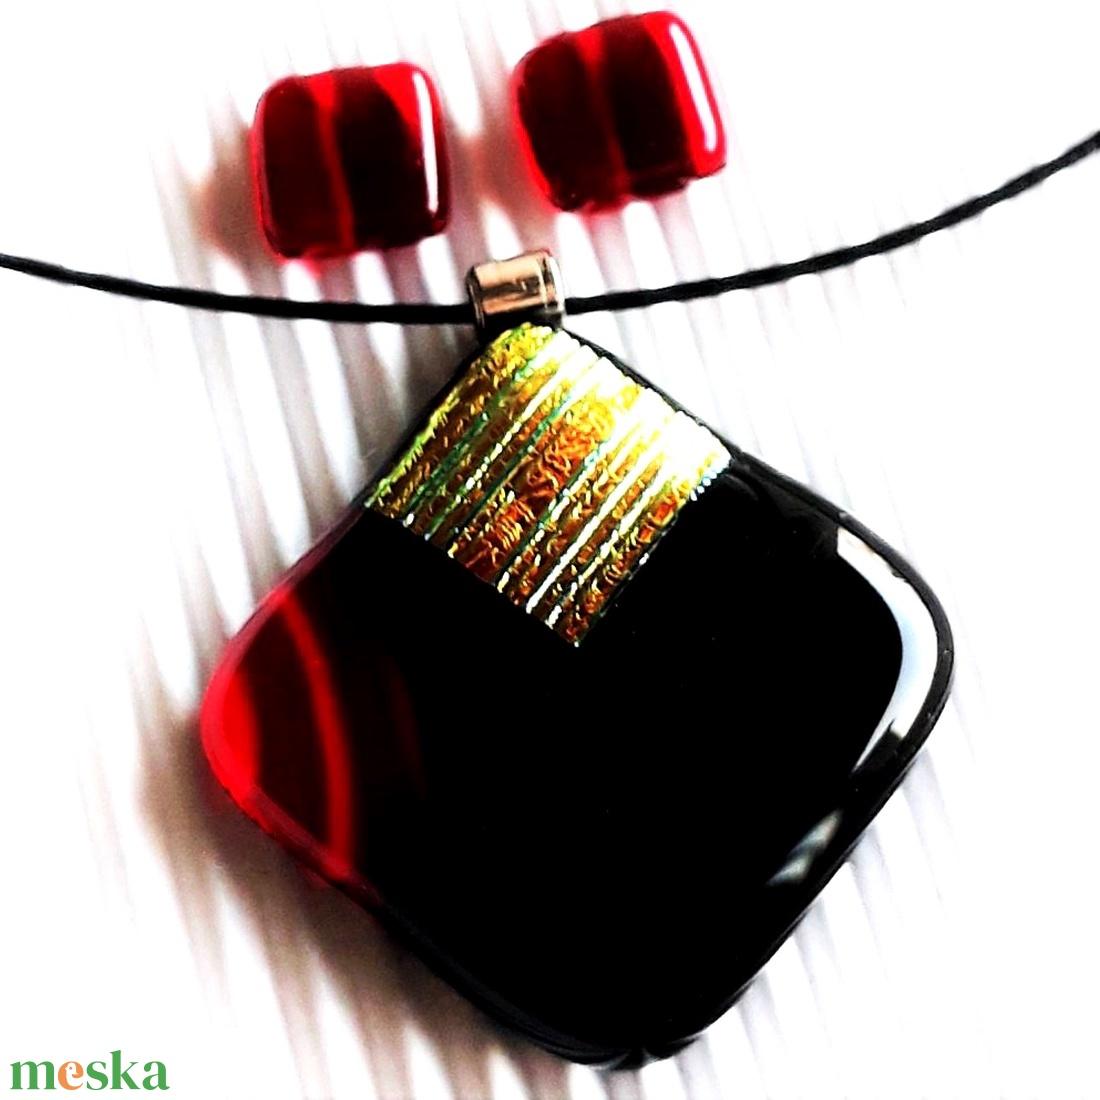 Arany fényű meggy-fekete tulipánbimbó mozaik üveg medál és fülbevaló NEMESACÉL alapokon, üvegékszer szett  - ékszer - ékszerszett - Meska.hu